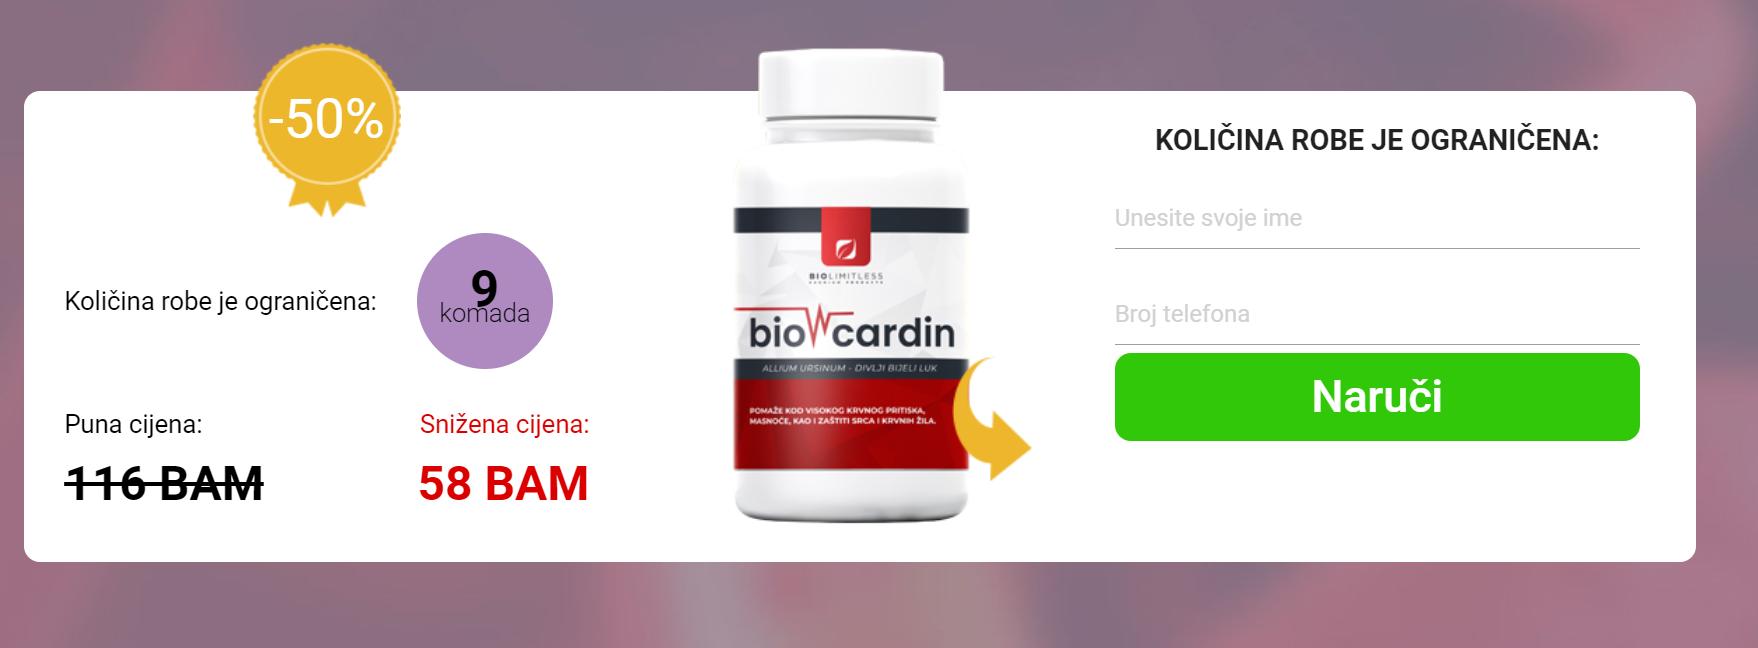 BioCardin2